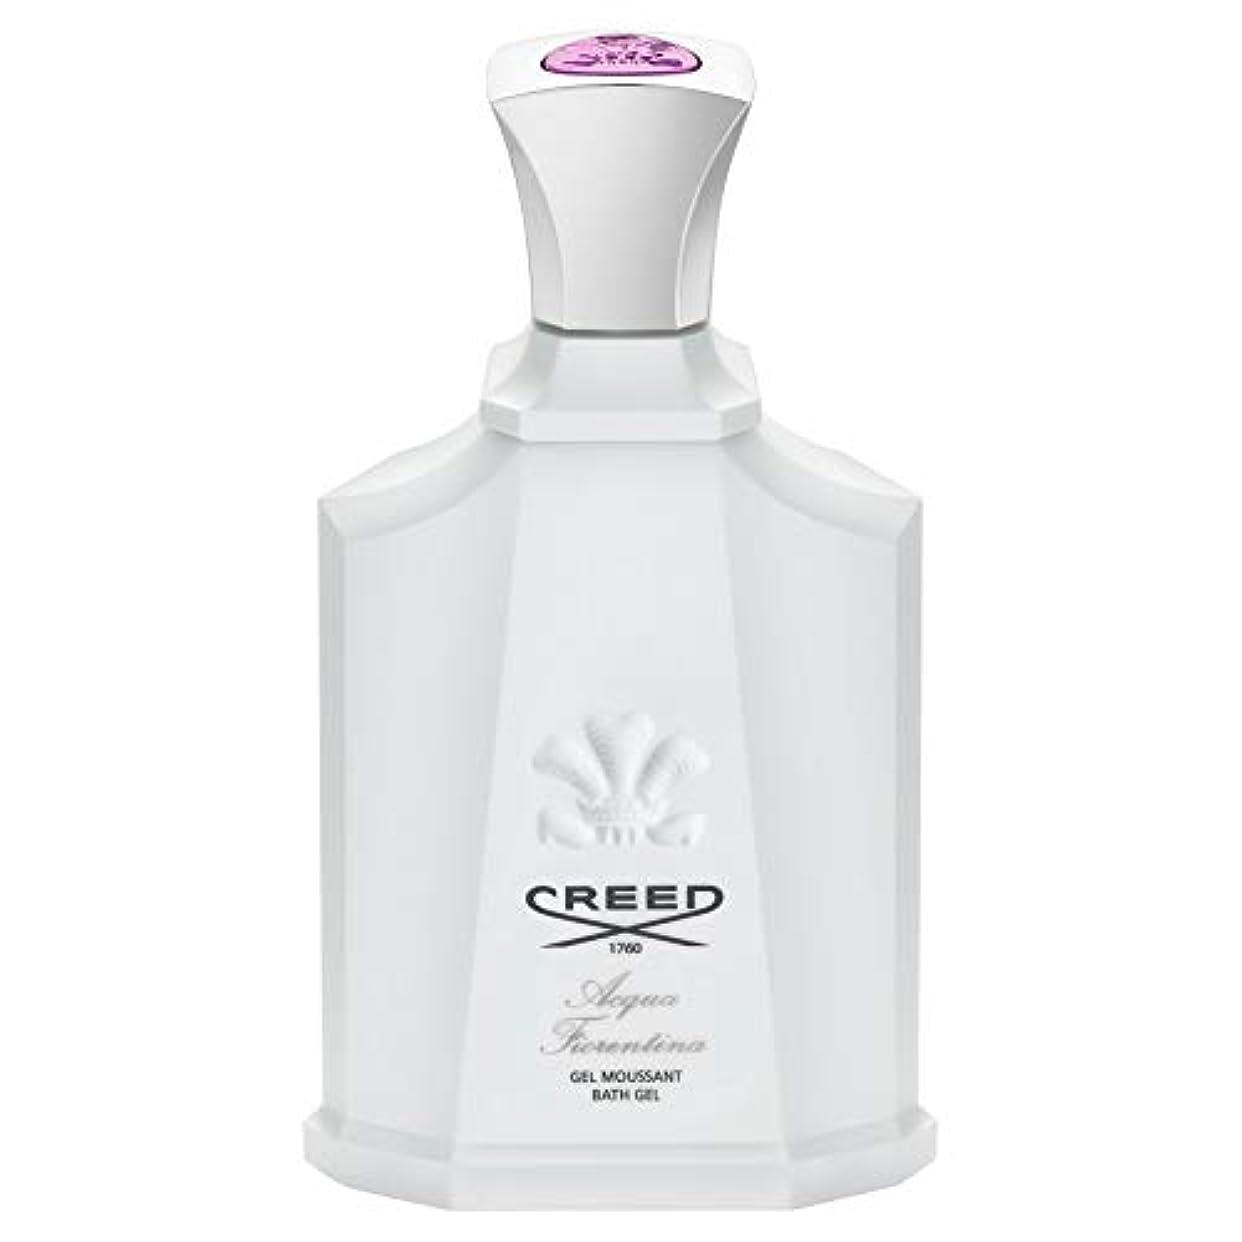 不毛ゆるい説教[CREED] 信条アクアフィオレンティーナシャワージェル200Ml - Creed Acqua Fiorentina Shower Gel 200ml [並行輸入品]